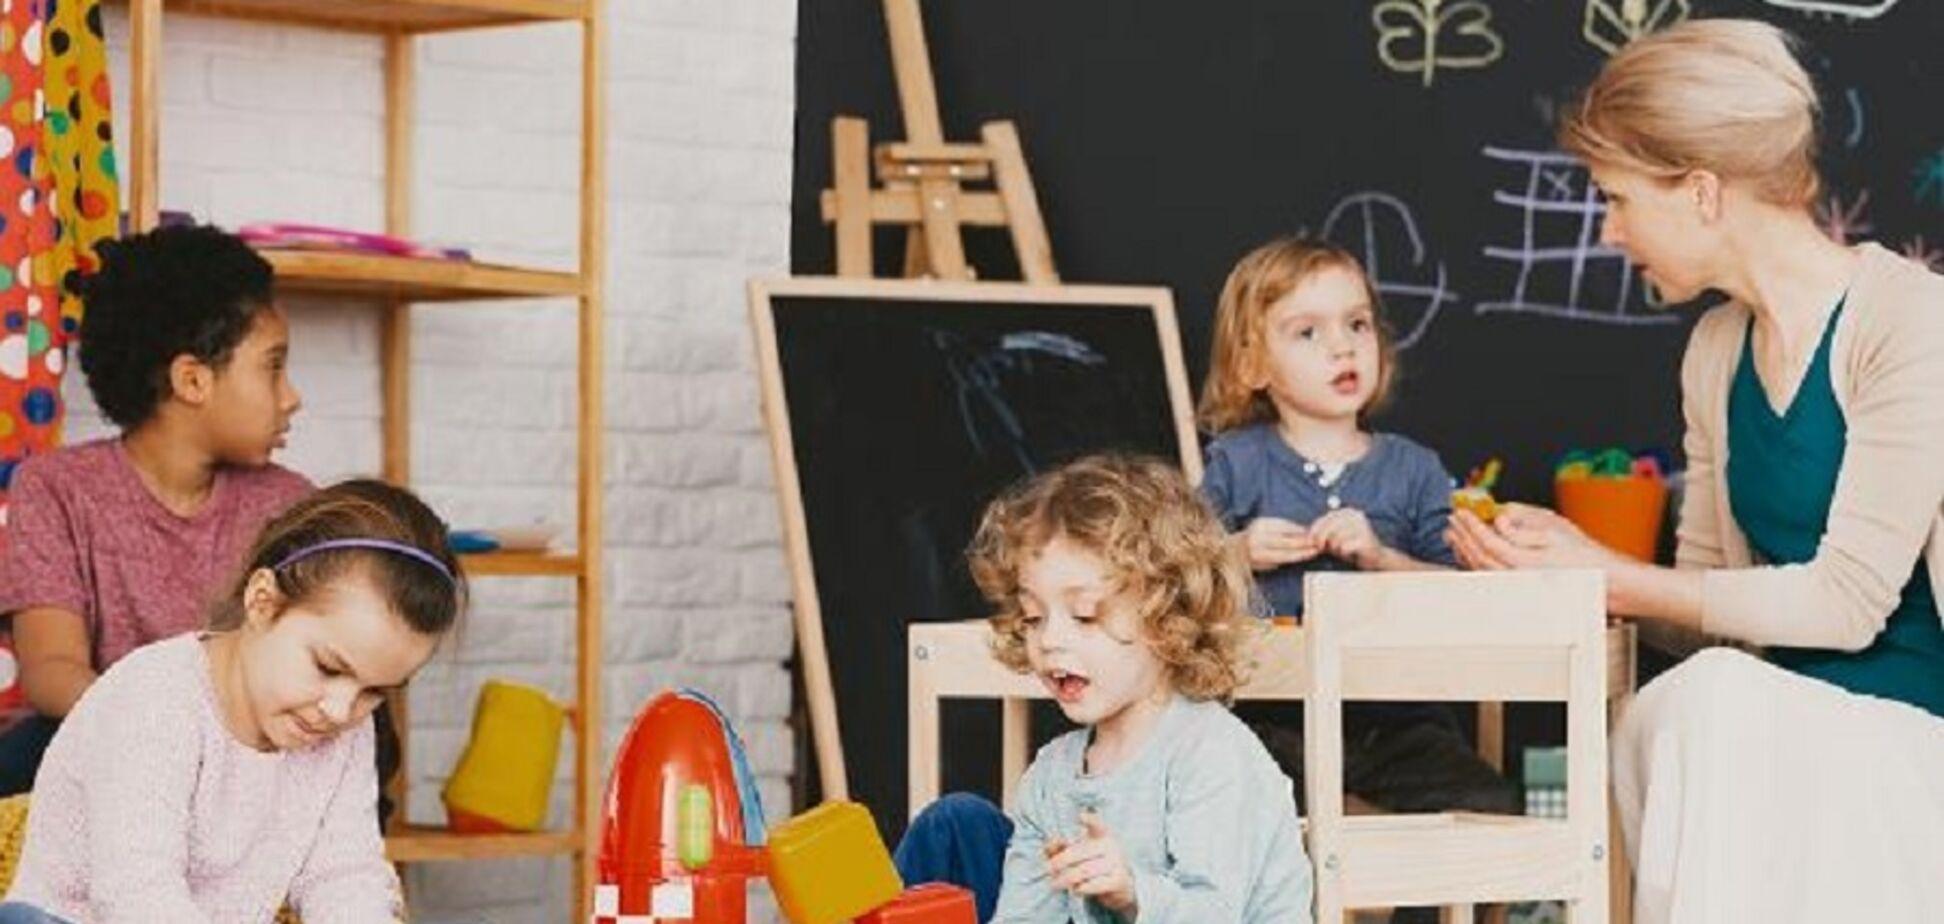 В МОН назвали топ-10 достижений школ и детсадов за 2019 год